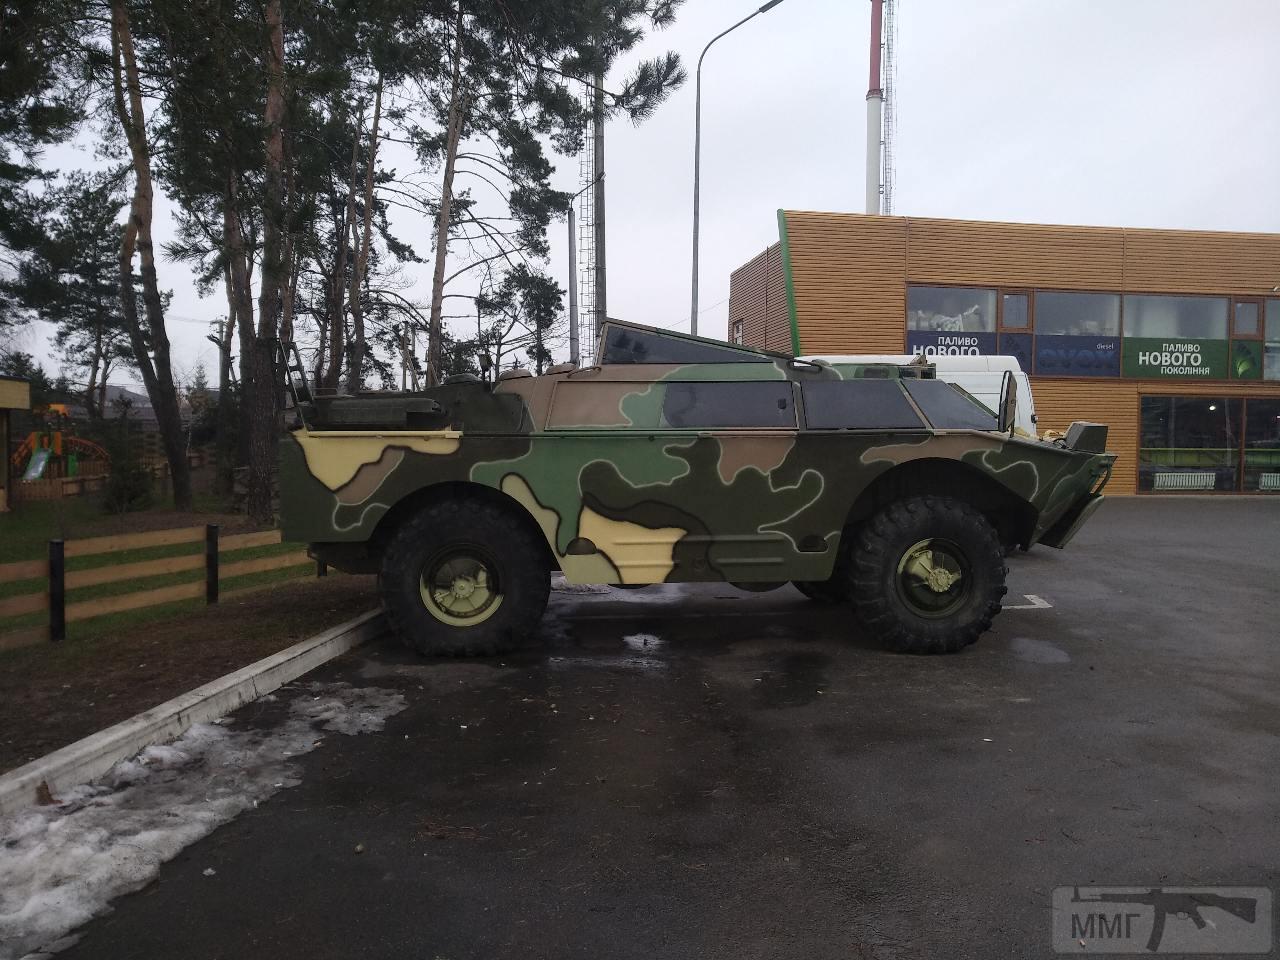 21676 - Современные бронетранспортеры (БТР)